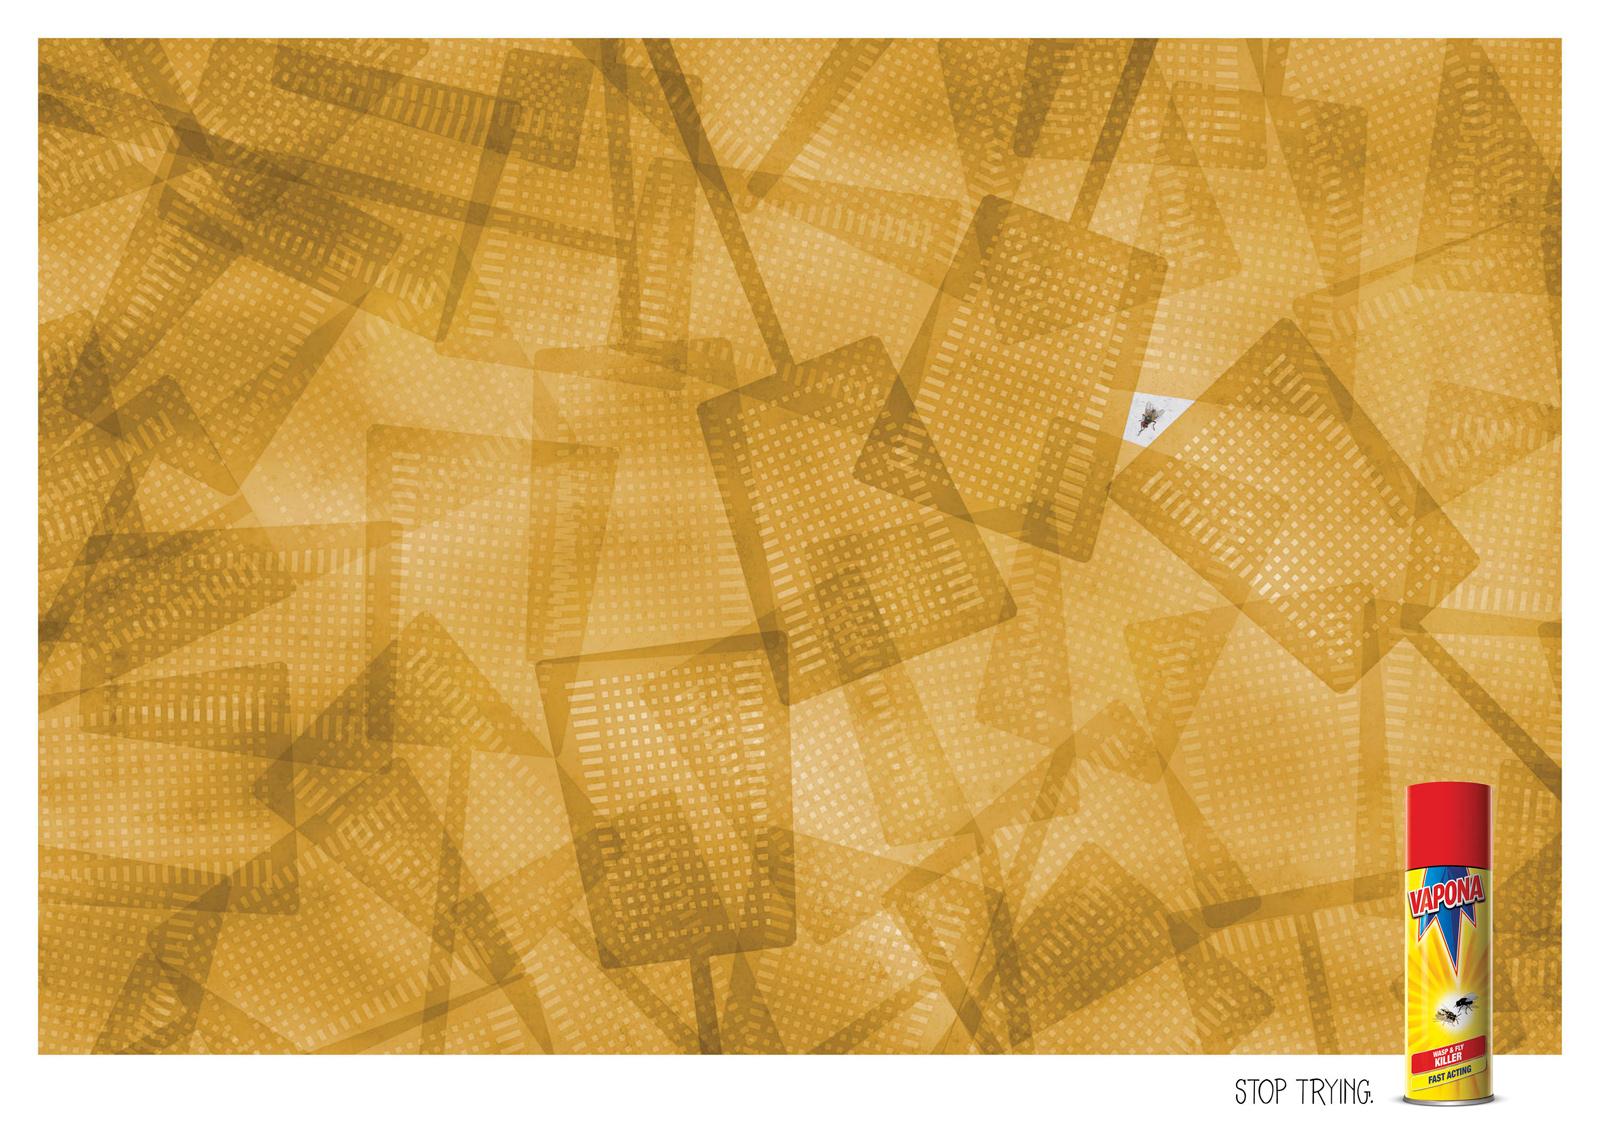 llllitl-vapona-publicité-print-advertising-commercial-killer-moustique-anti-agence-hérézie-tapette-à-mouche-juin-2012.jpg